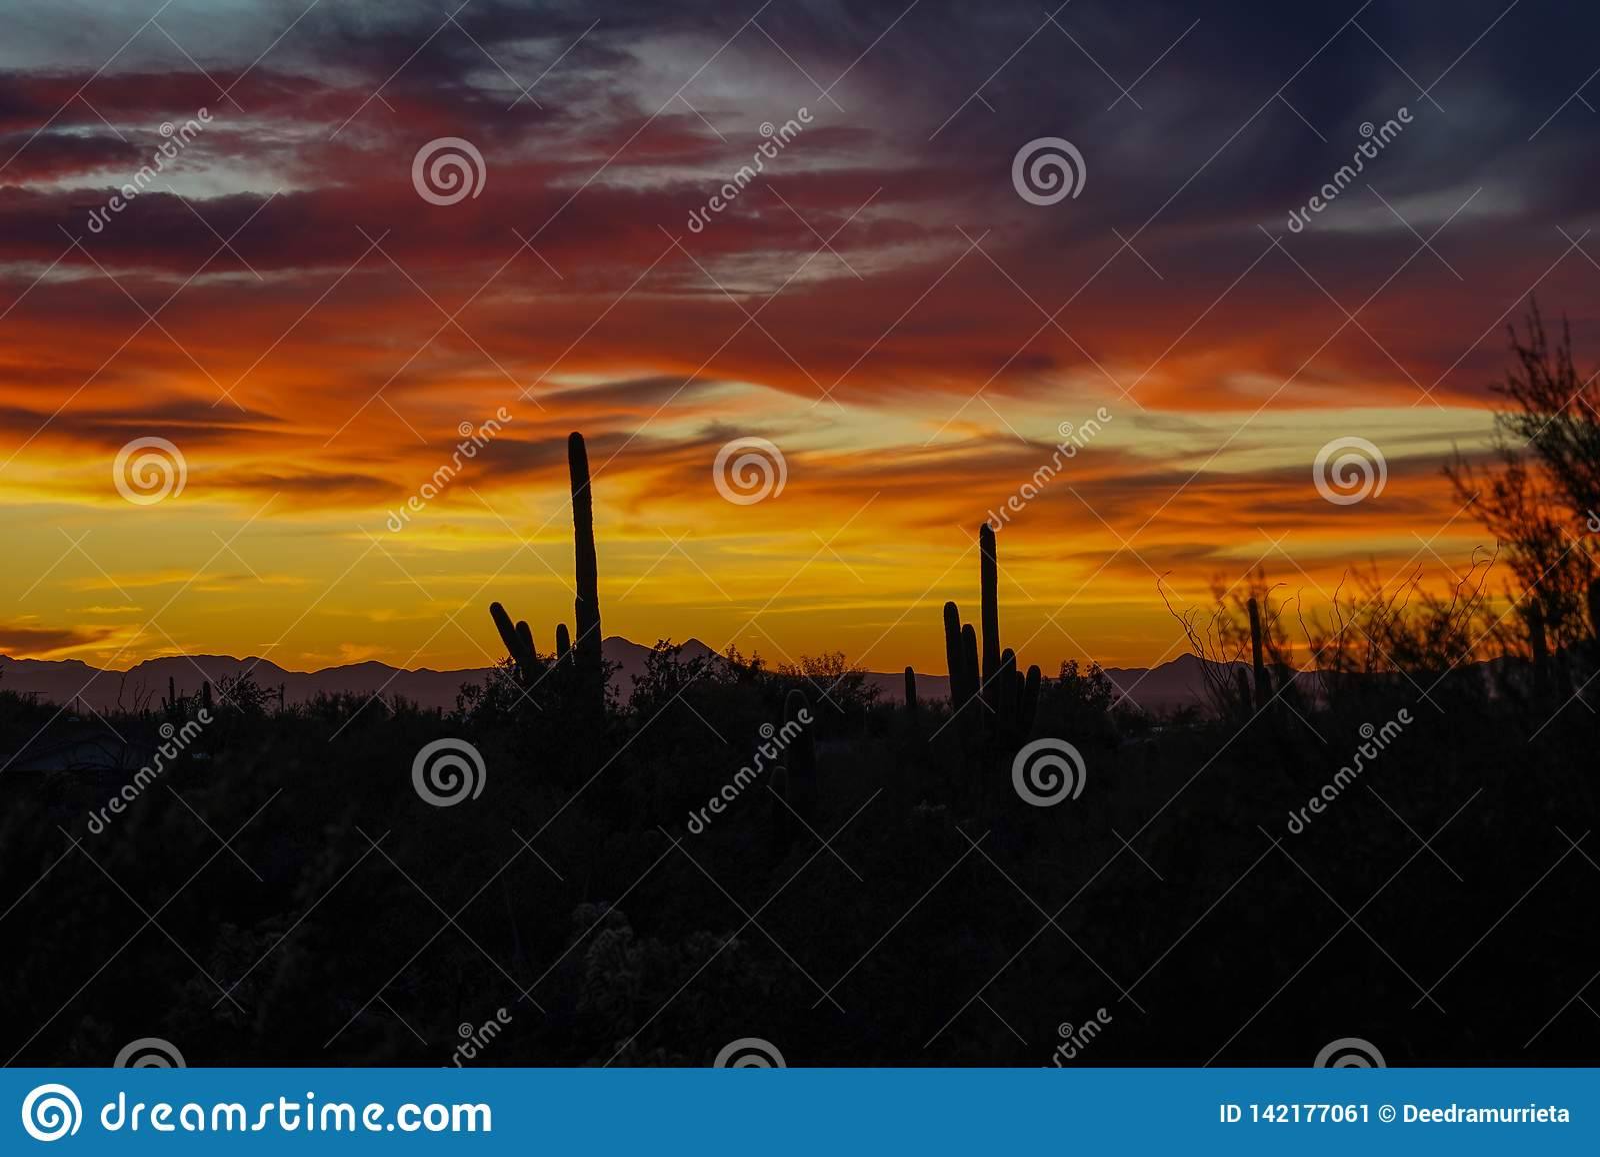 Όμορφο πρόσφατο ηλιοβασίλεμα ερήμων της Αριζόνα